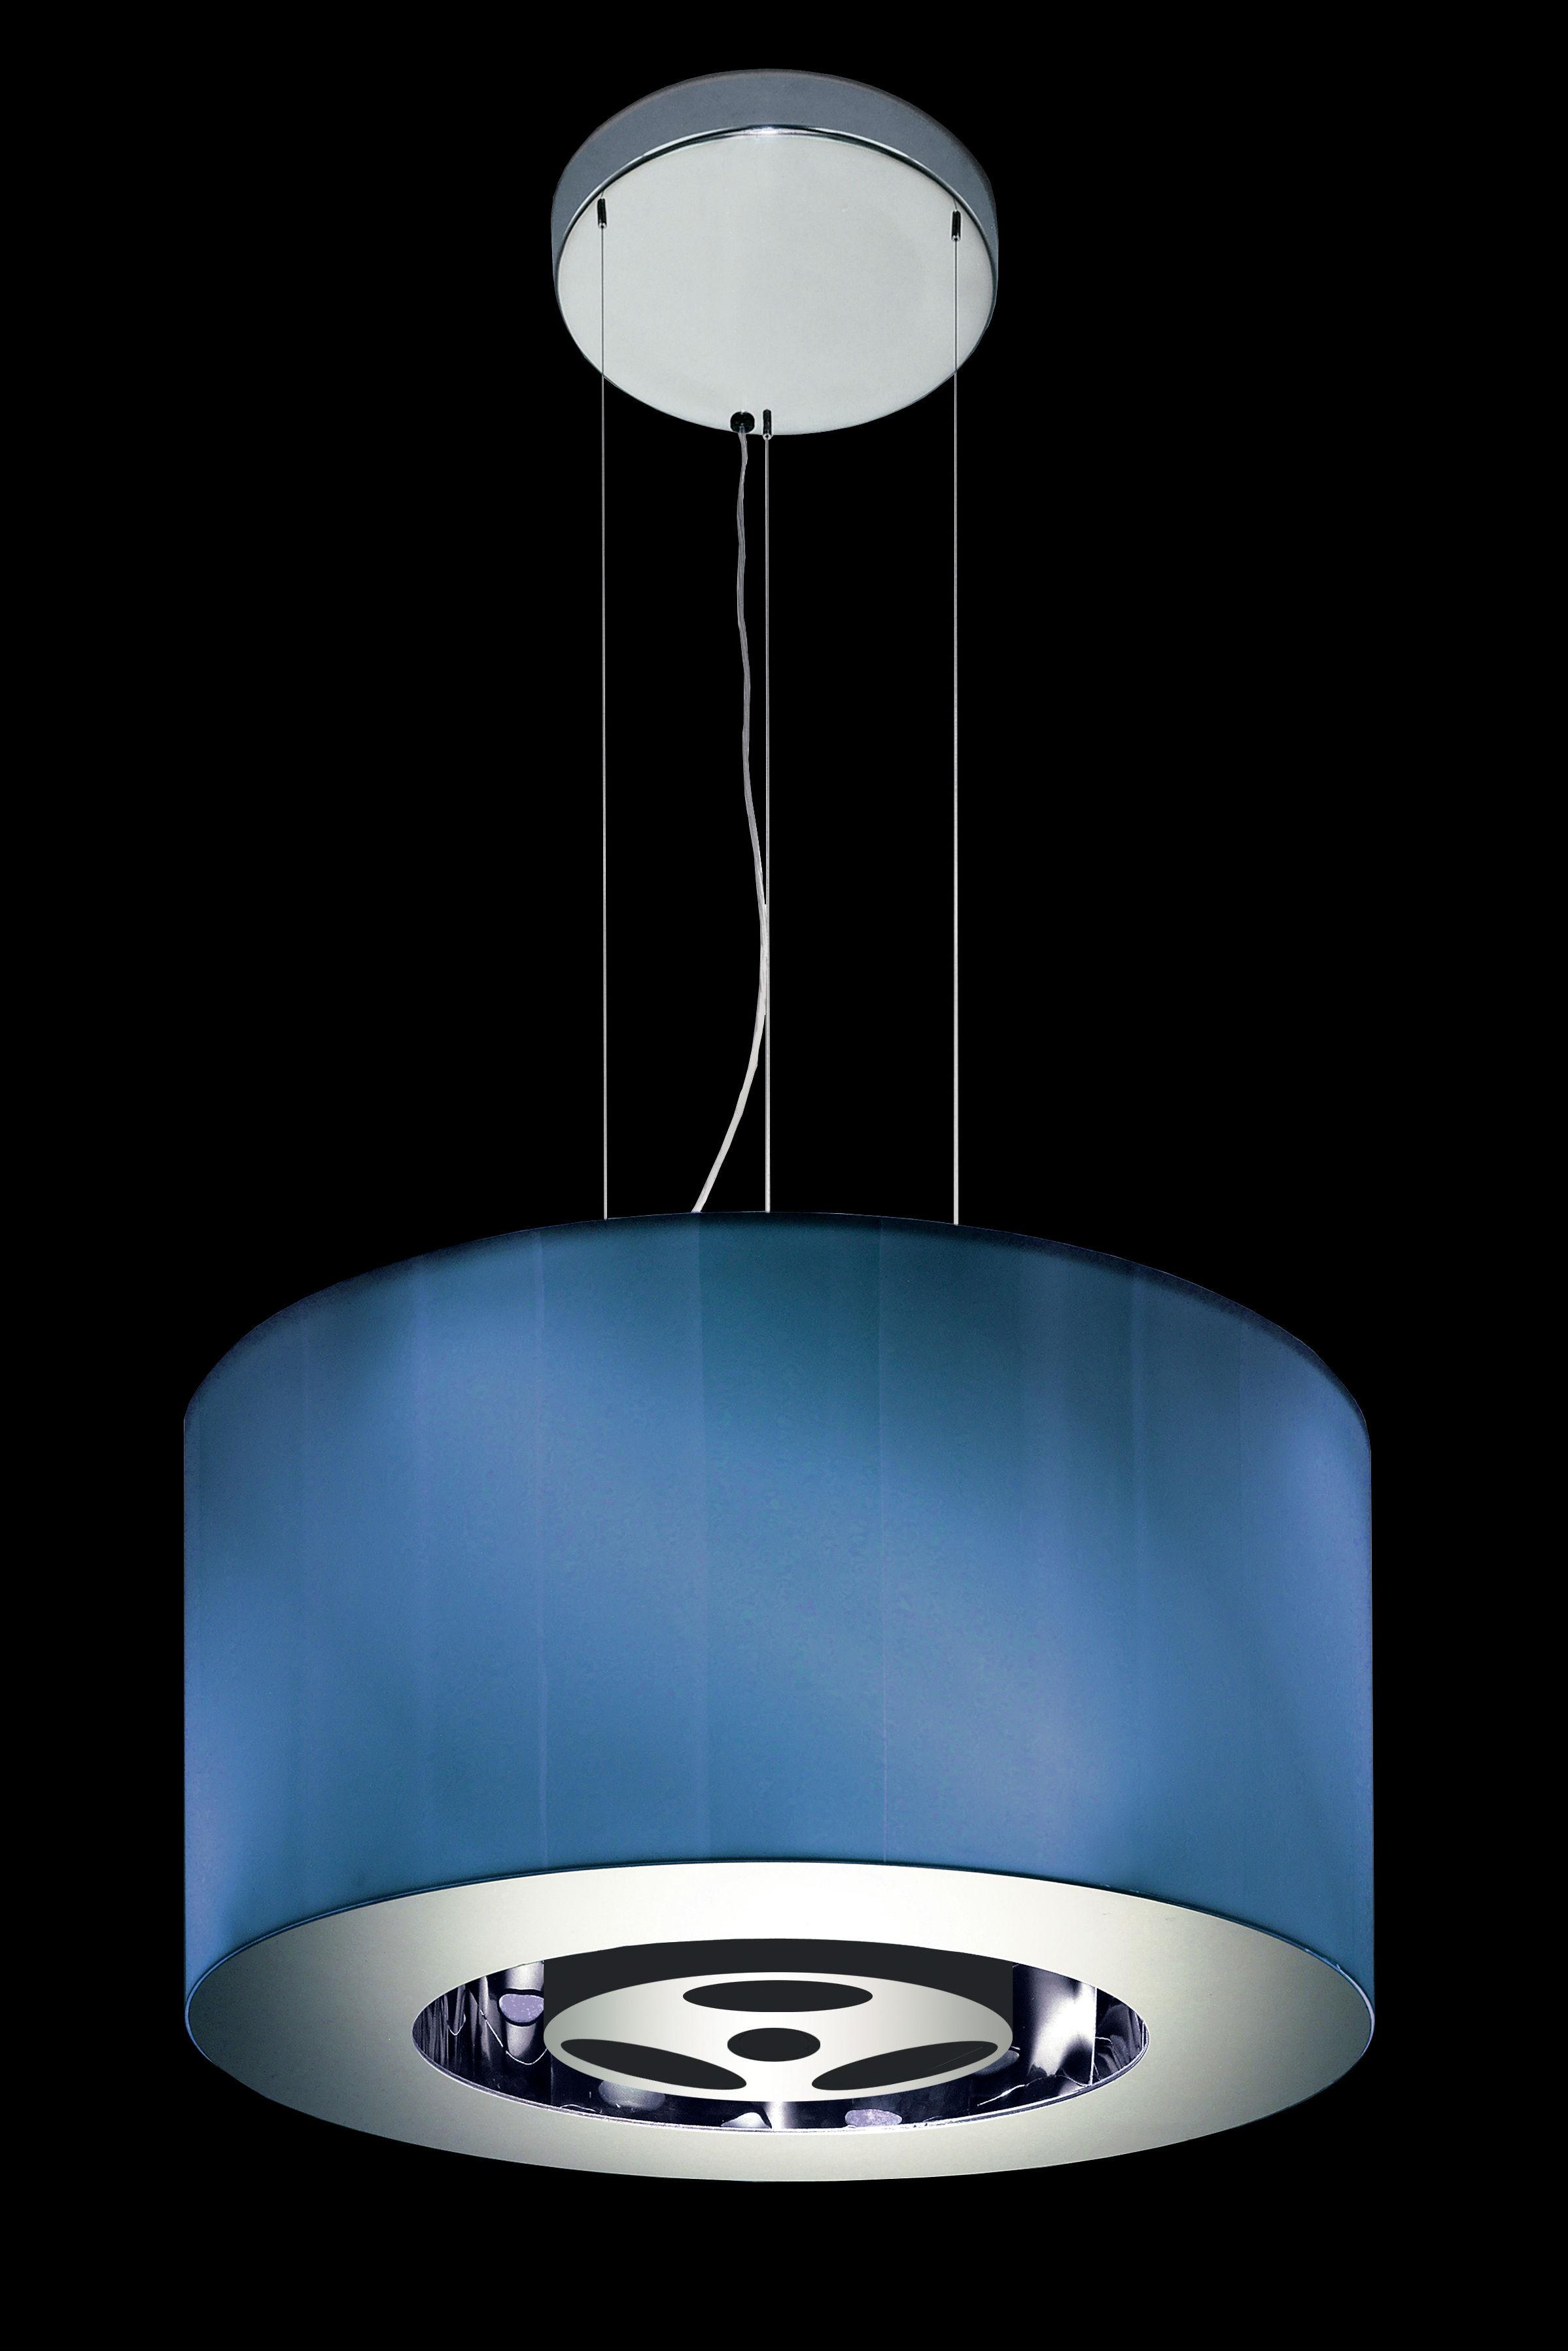 Suspension tian xia 500 led miroir lumi re teint e ou for Lumiere led miroir